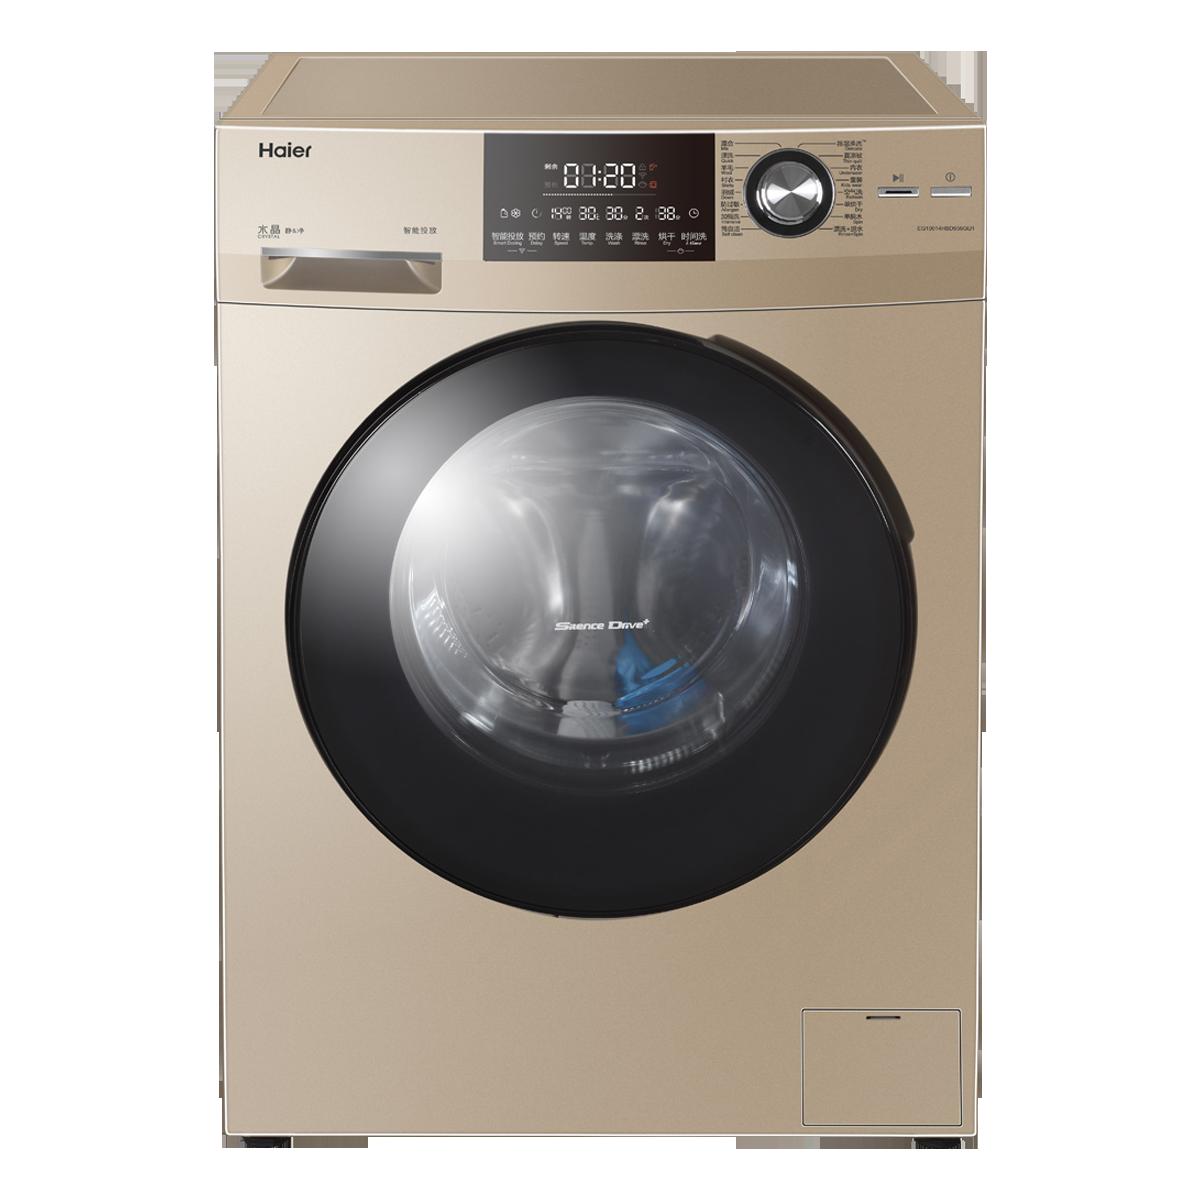 海尔Haier洗衣机 EG10014HBD959GU1 说明书